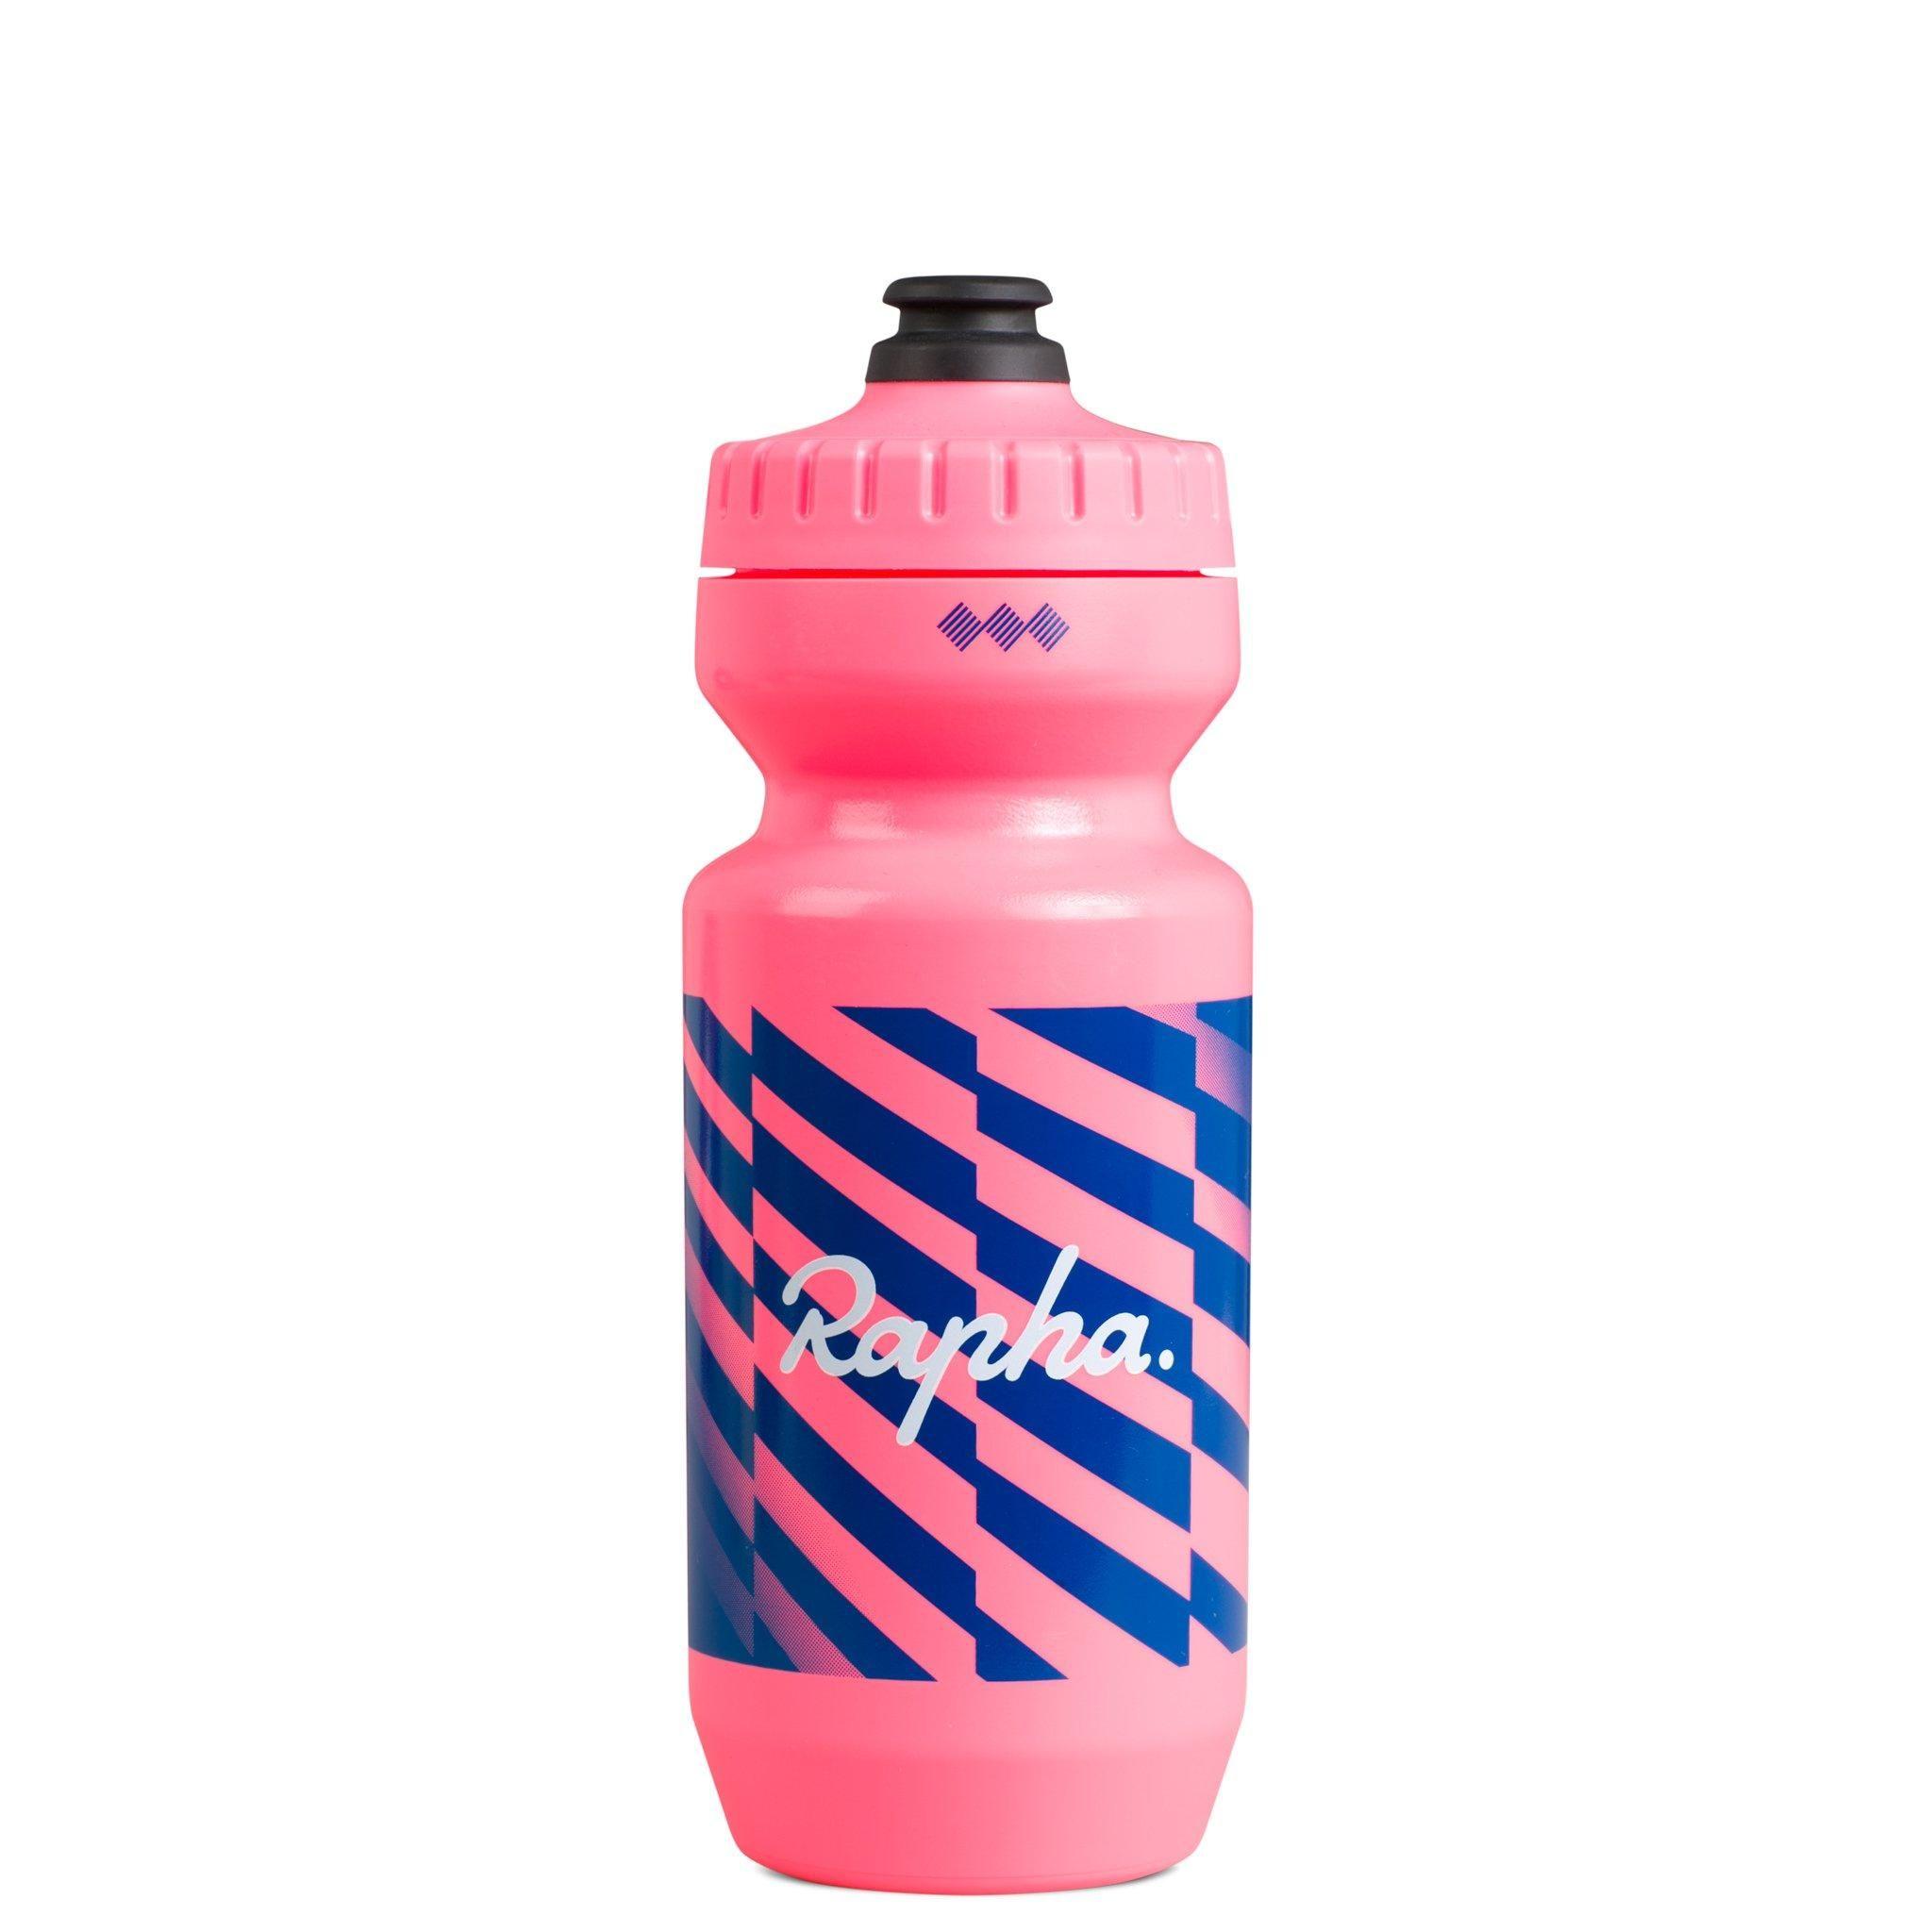 Ef Pro Cycling Bidon In 2020 Water Bottle Bottle Pro Cycling